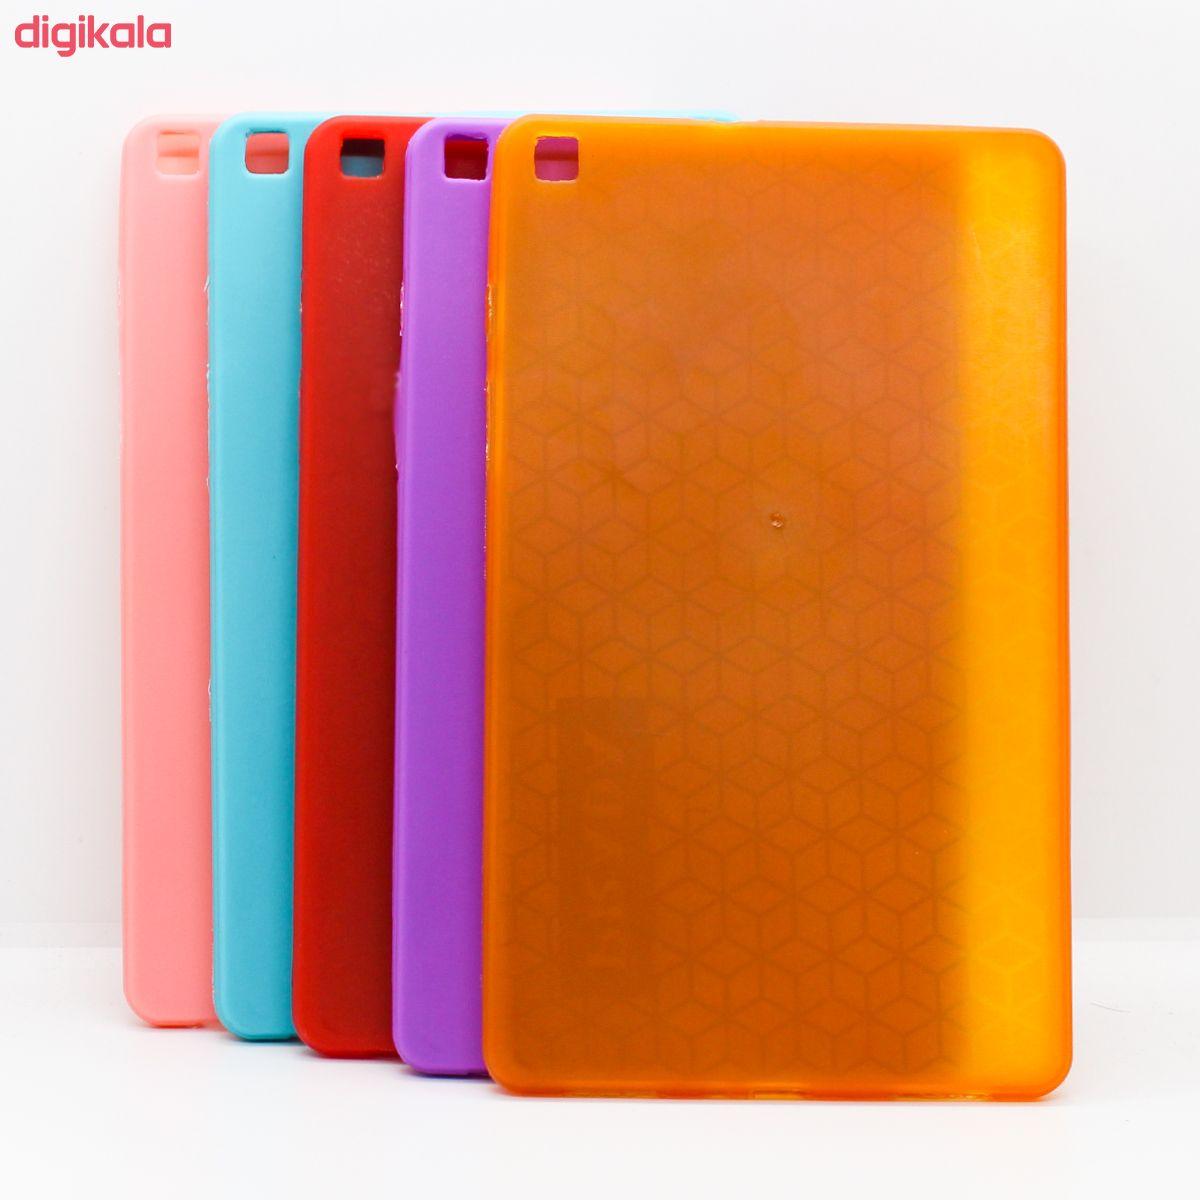 کاور مدل Mo-2 مناسب برای تبلت سامسونگ Galaxy Tab A SM-T295 main 1 2